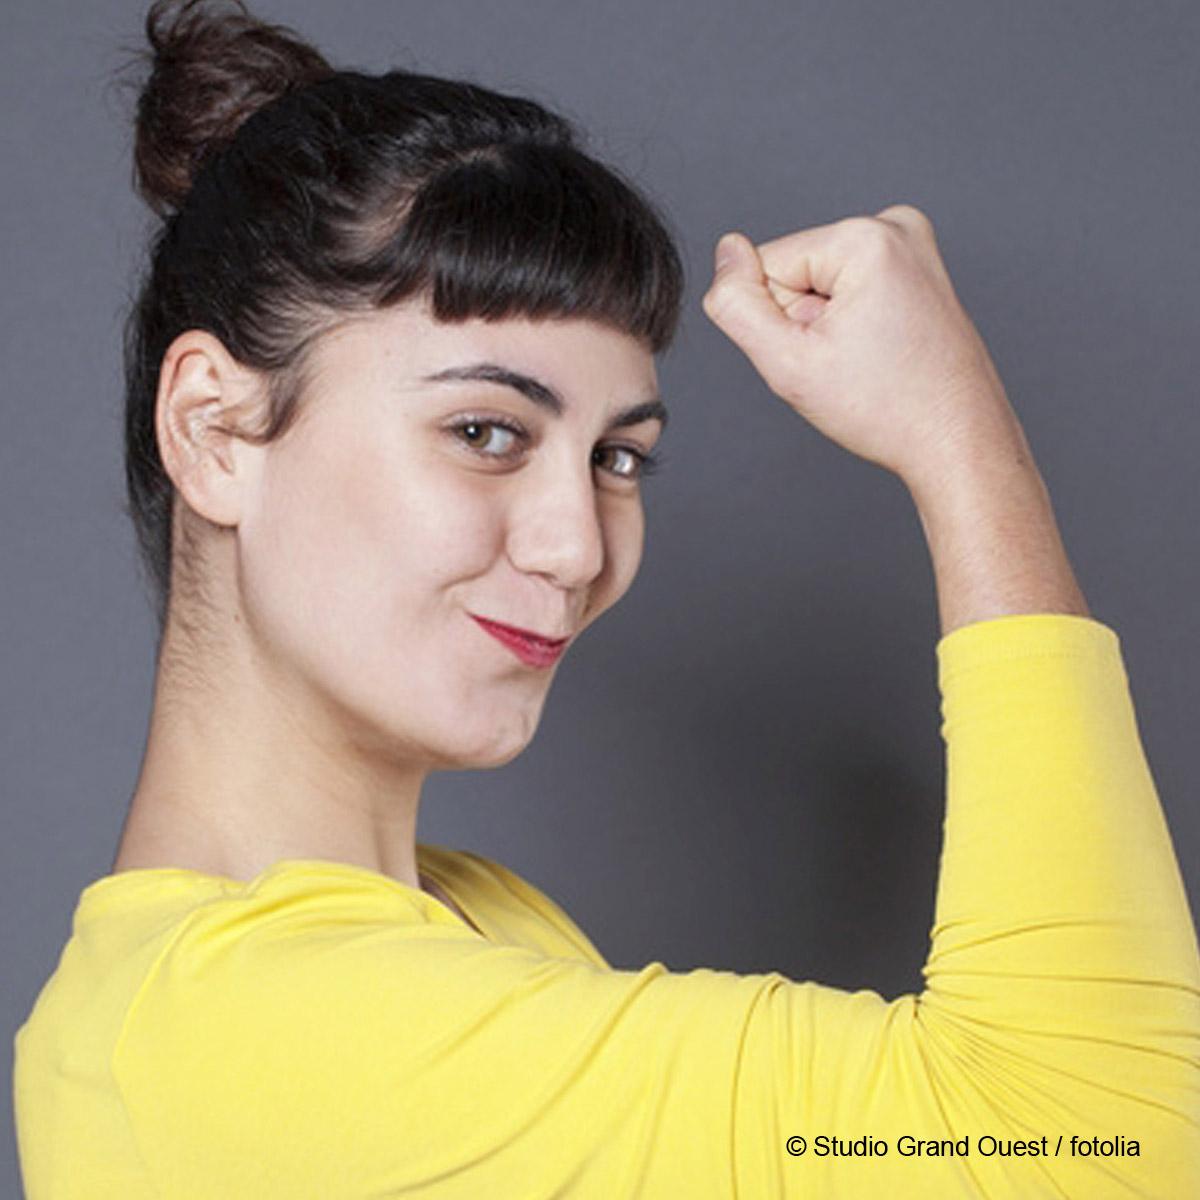 Klarheit über persönliche Ziele finden: Coaching-Wochenende für Frauen